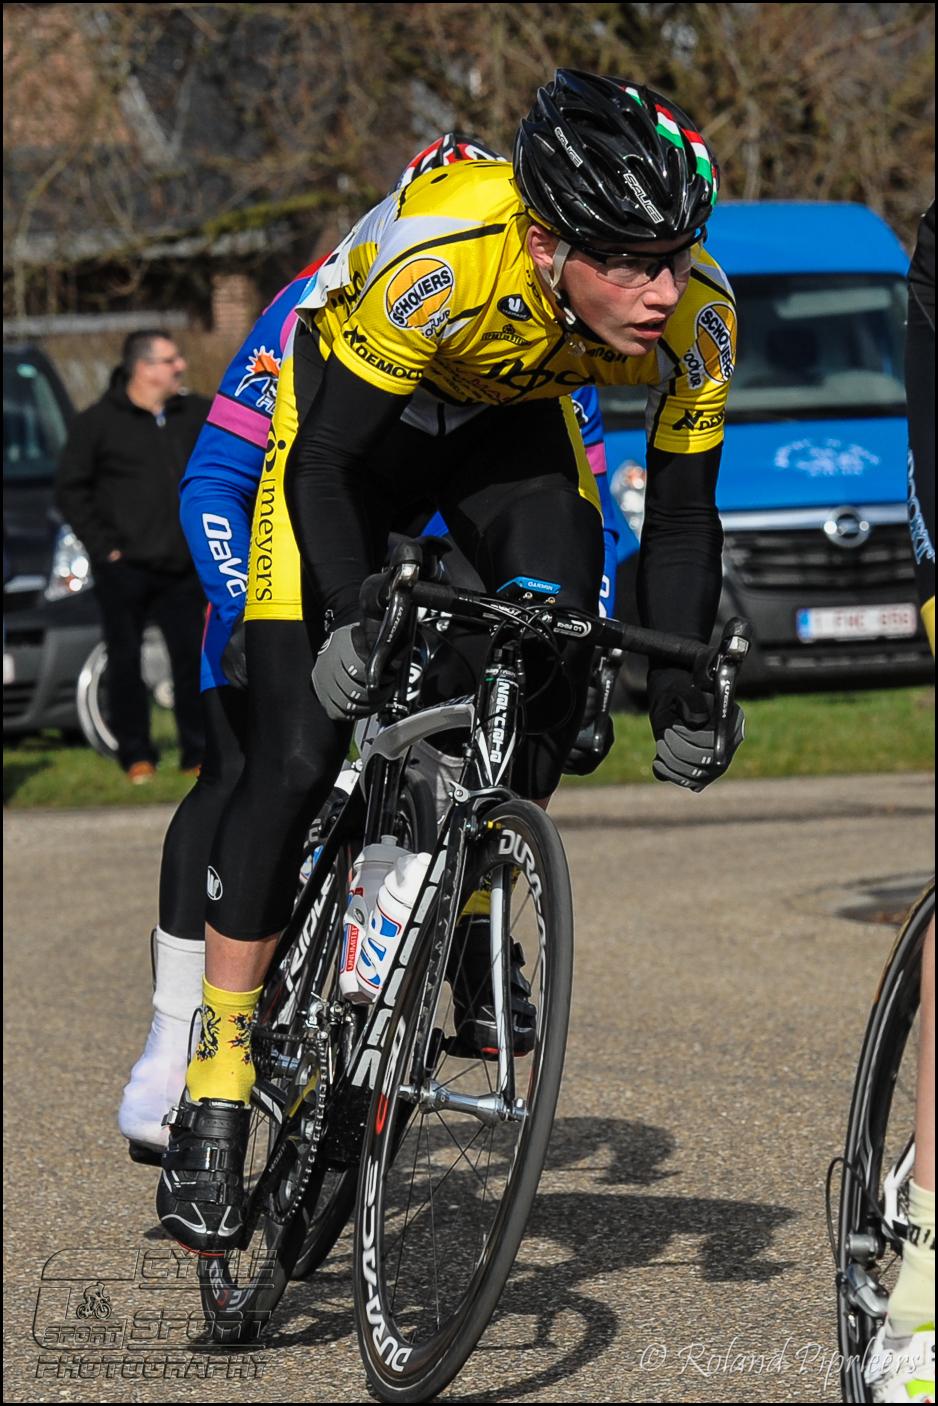 zepp-nl-jr-15